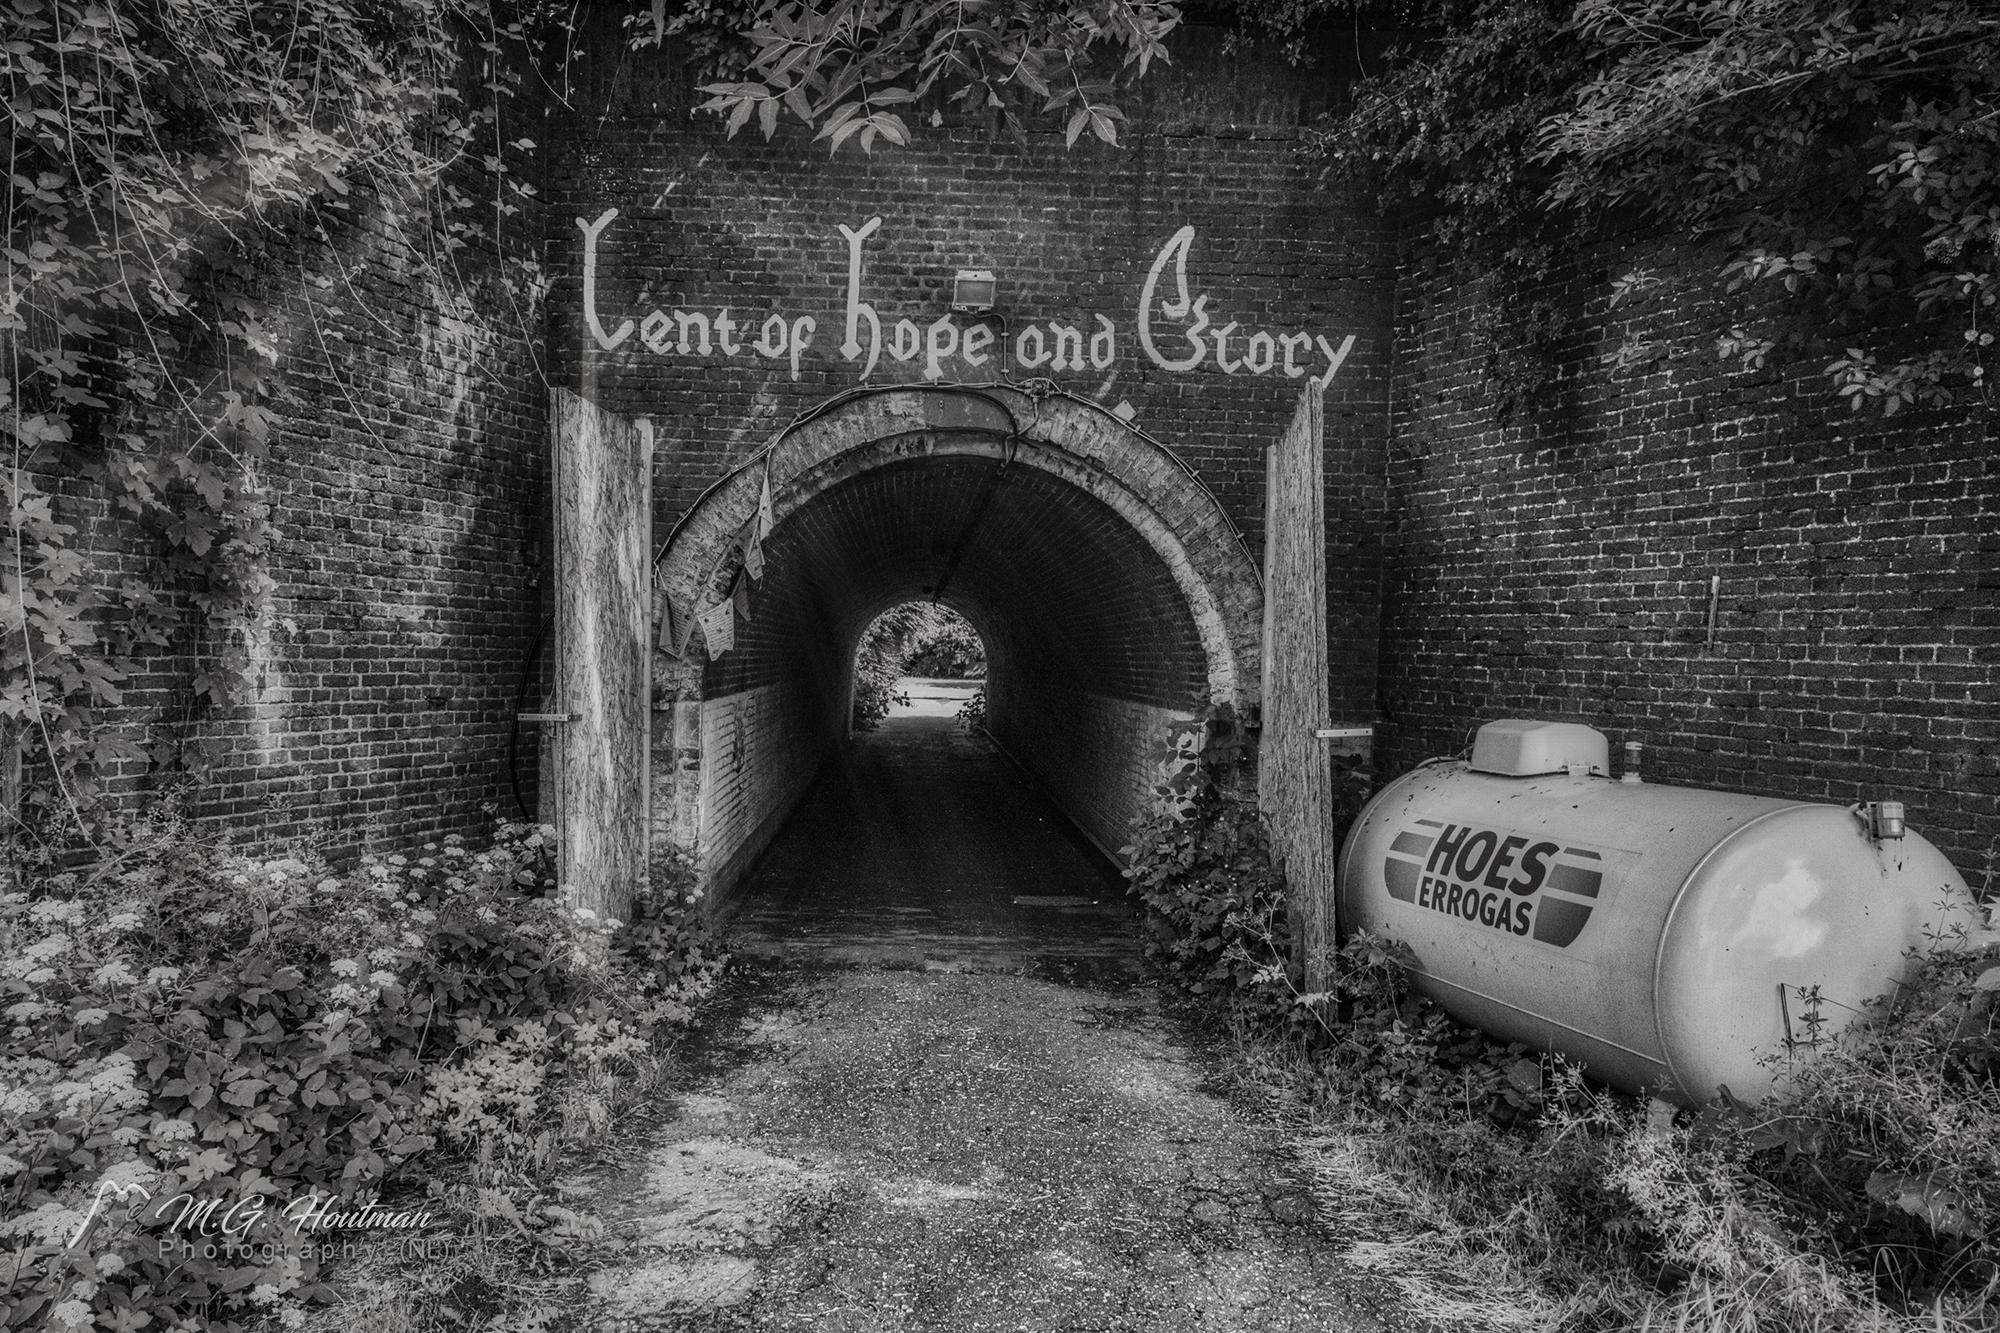 Aan het einde van de tunnel...